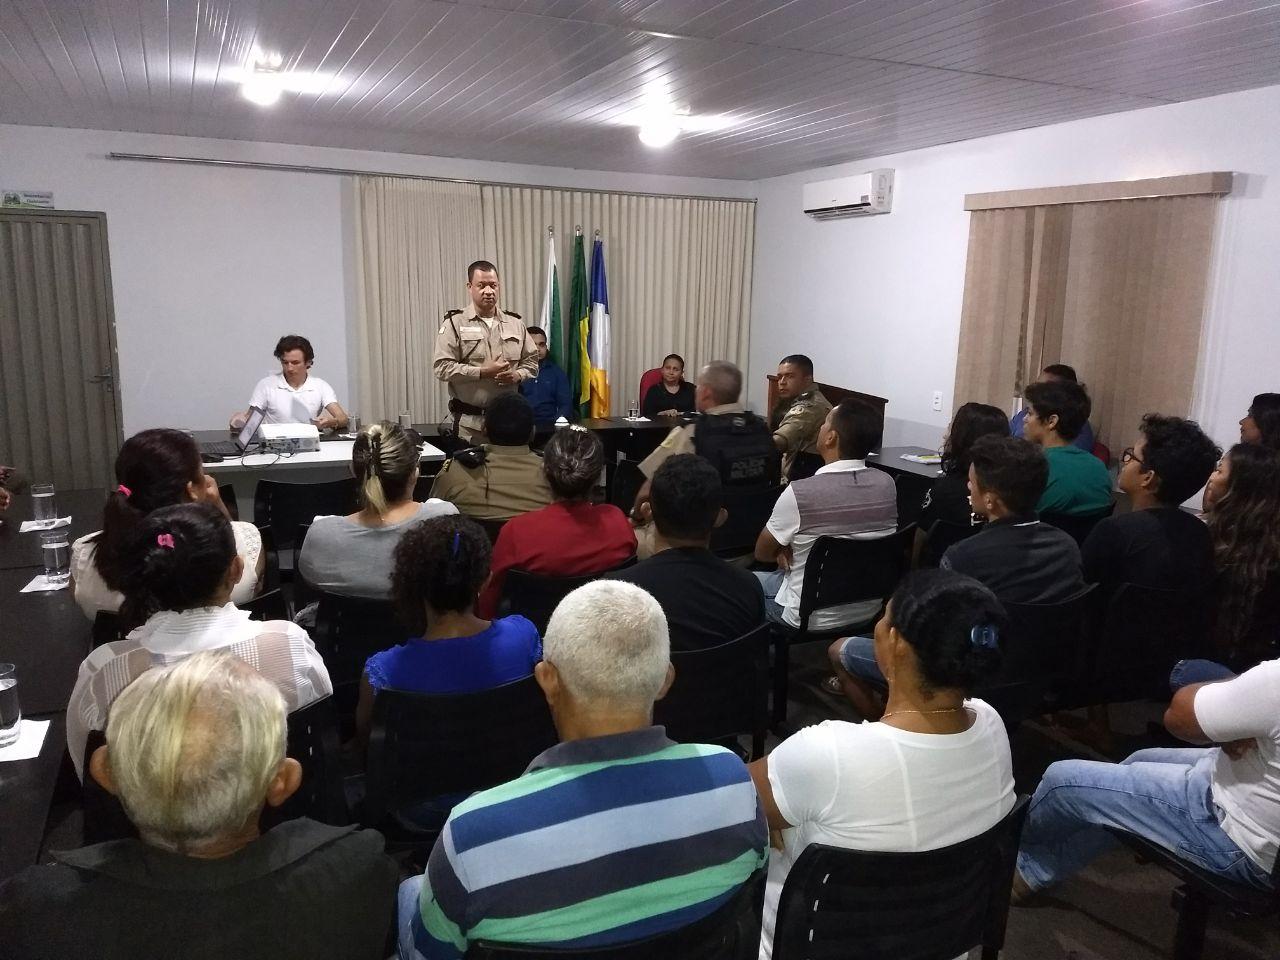 2º Batalhão em Parceria com a Secretaria de Segurança realiza 45ª edição do Curso de Agente Comunitário de Segurança